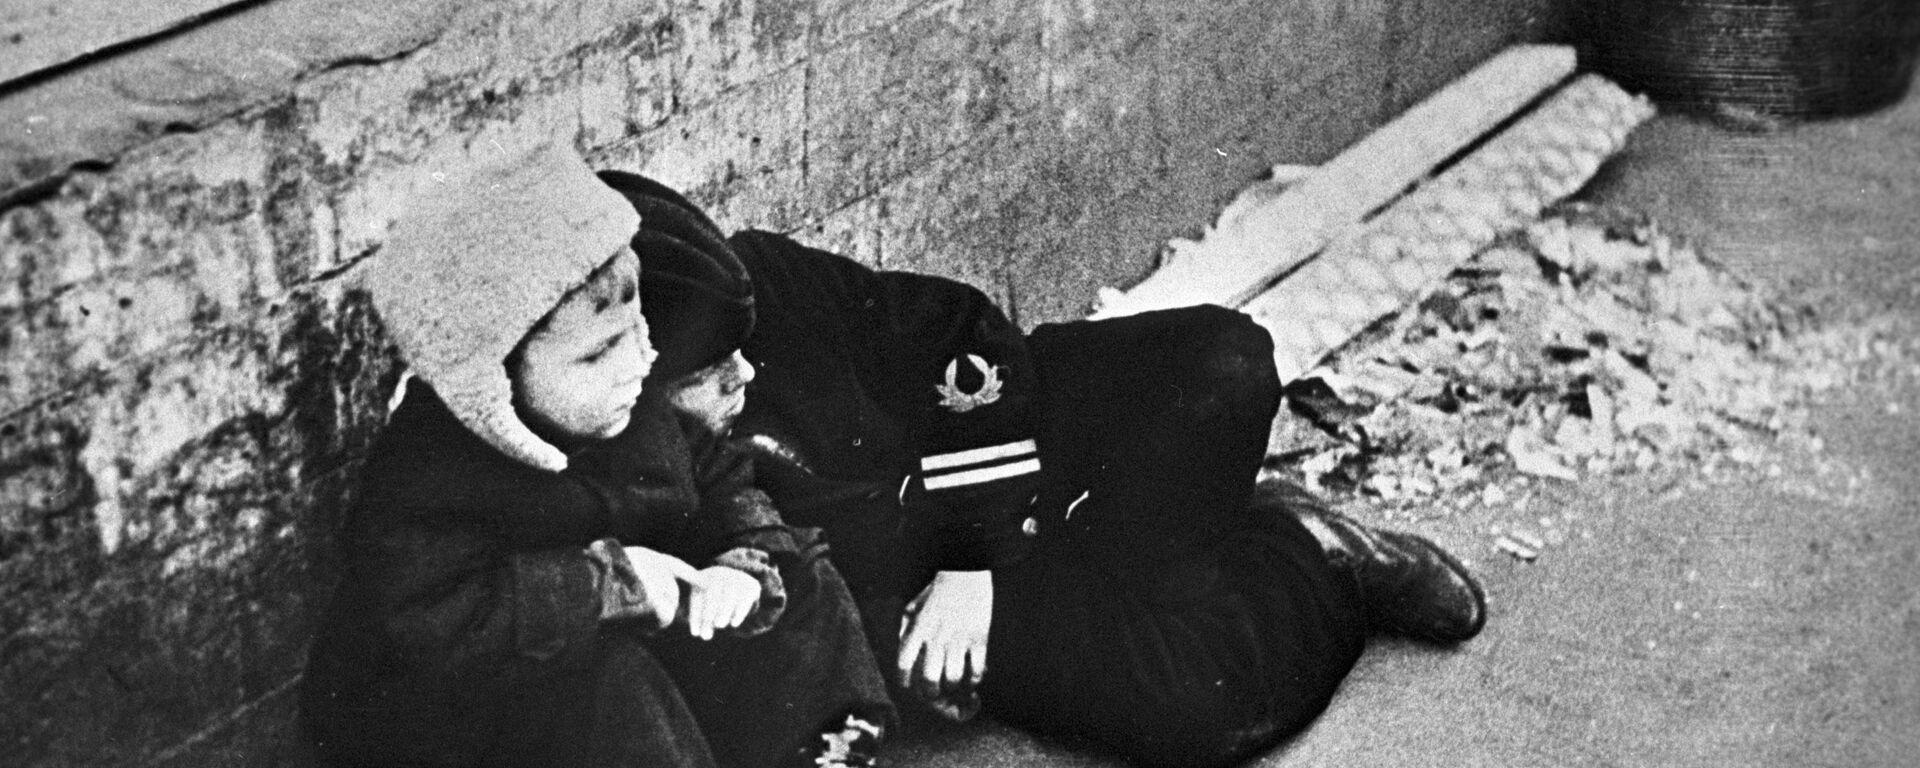 Дети в блокадном Ленинграде - Sputnik Латвия, 1920, 27.04.2021